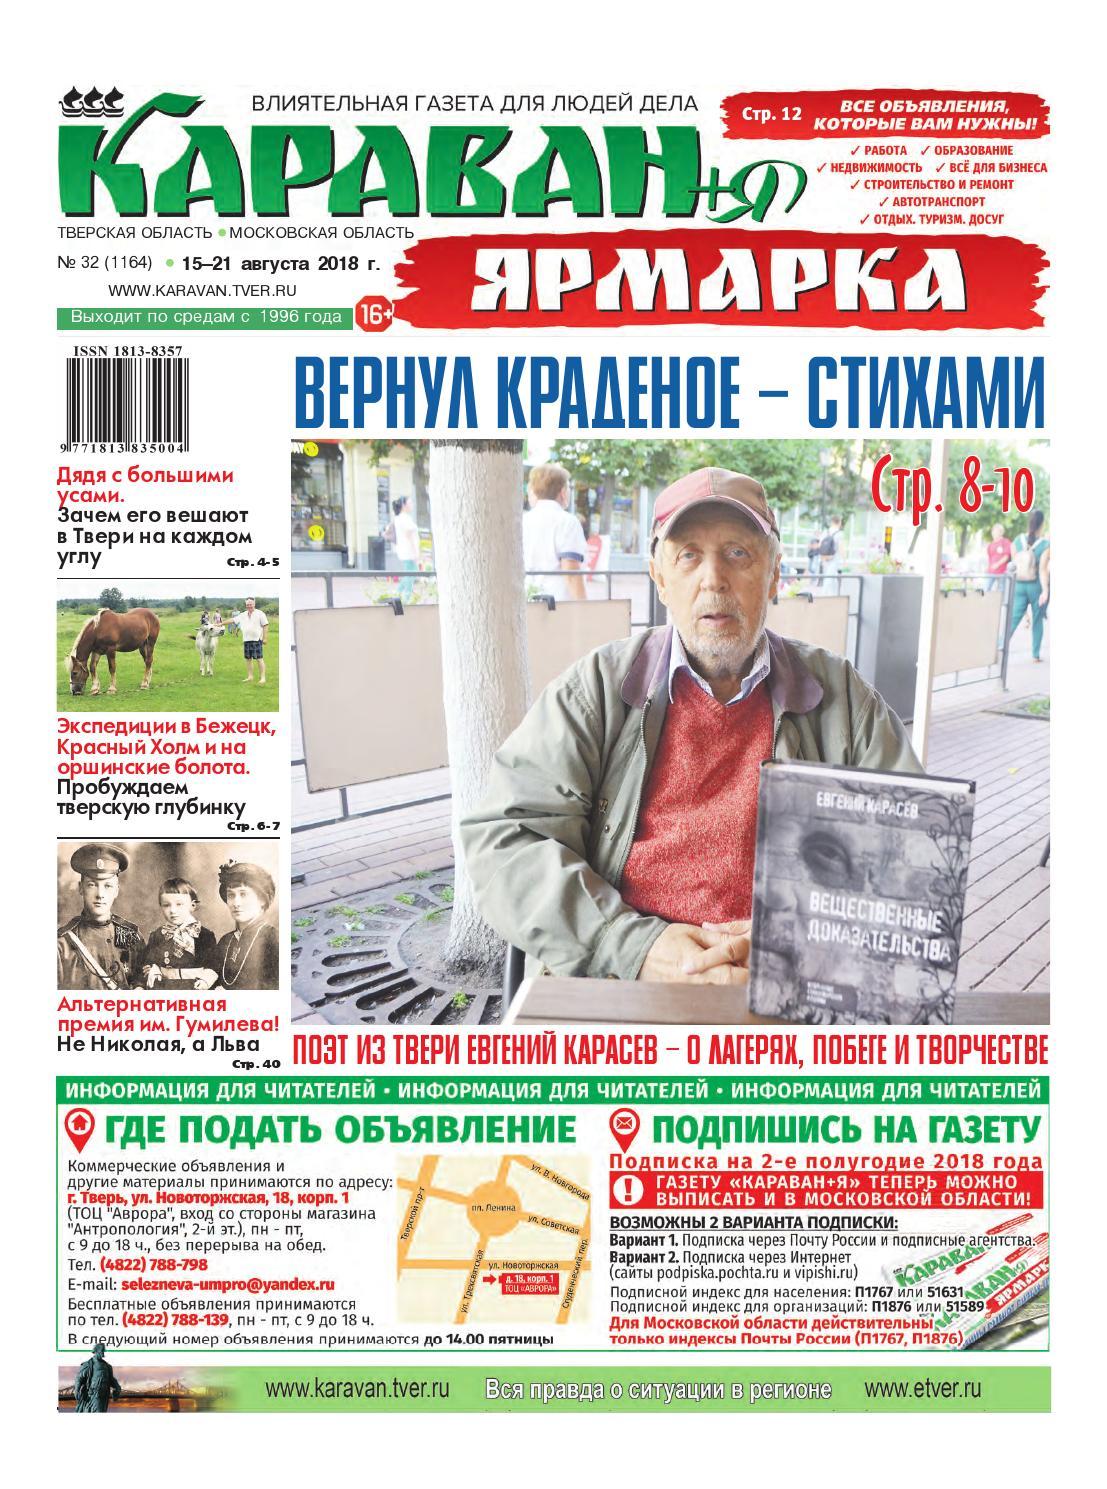 Музыка элеватор скай элеватор пугачевский телефон